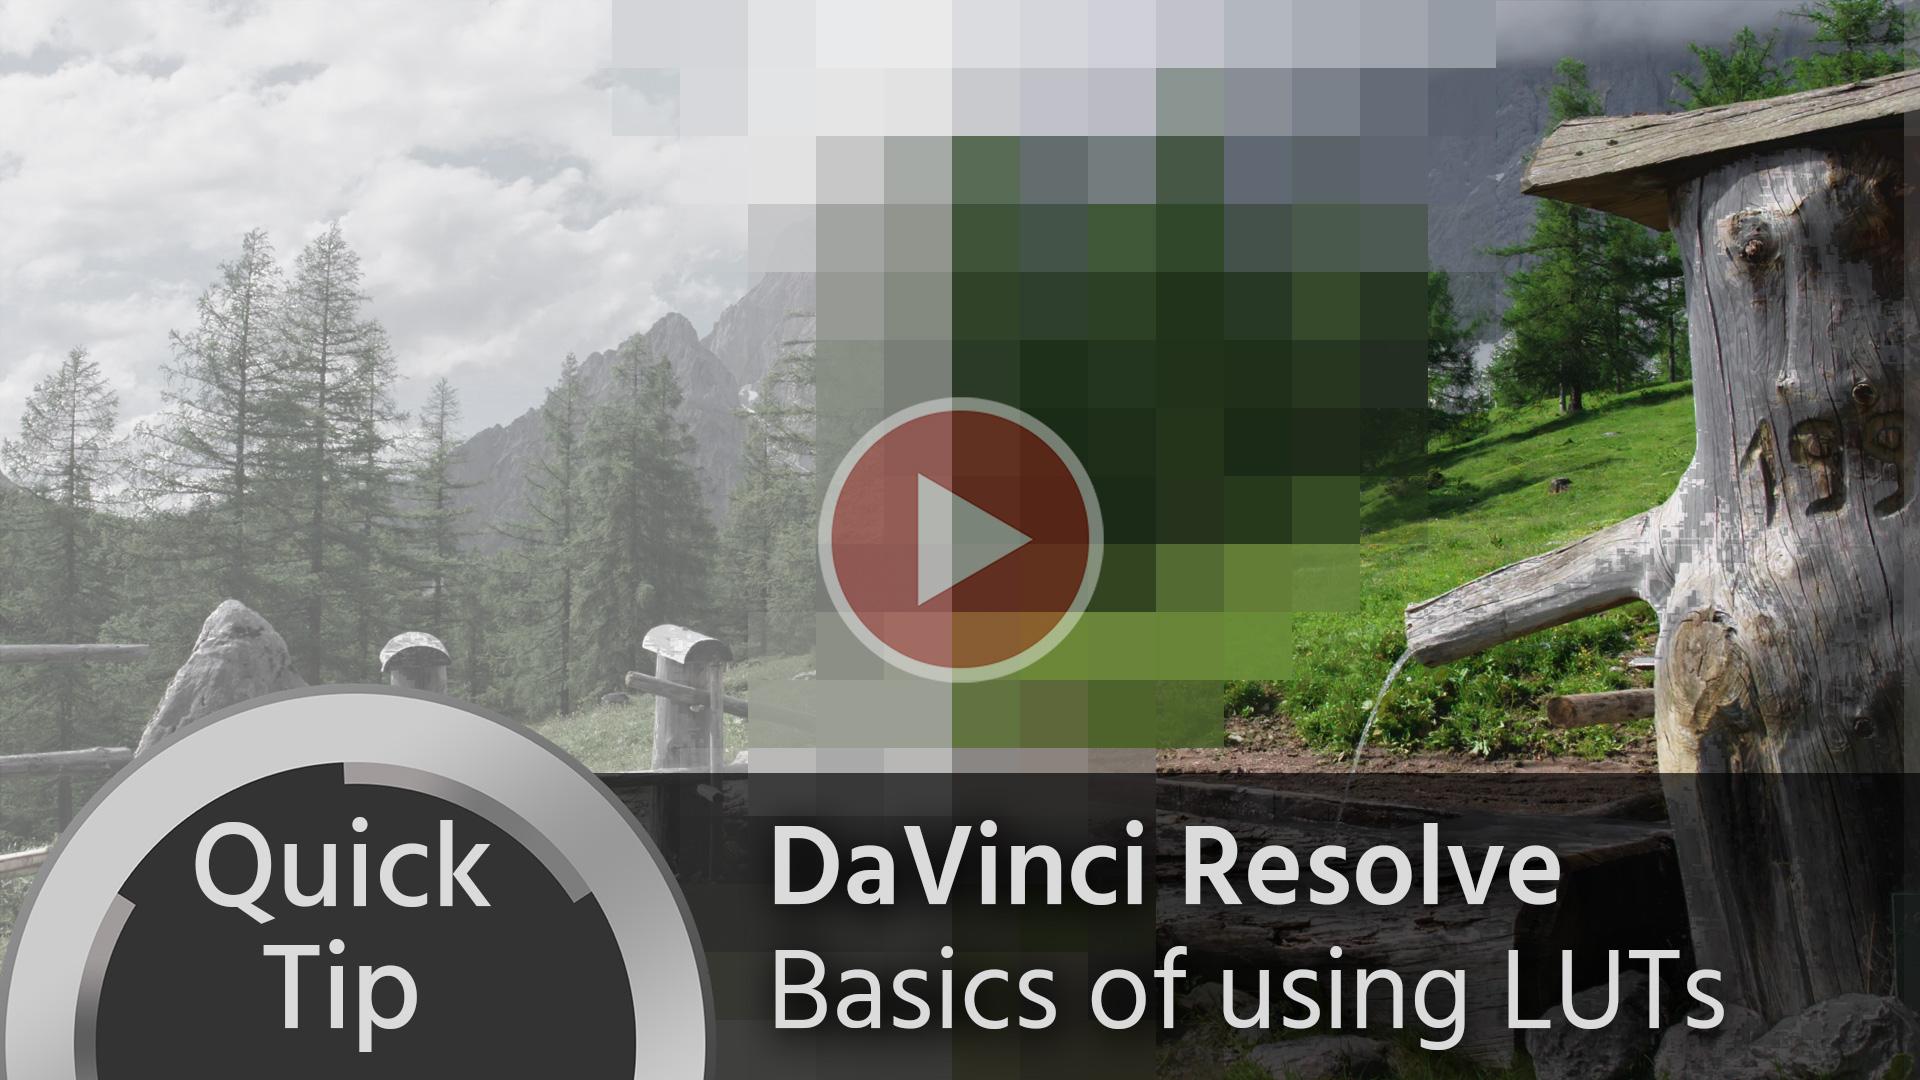 Consejo rápido: nociones básicas del uso de LUT en DaVinci Resolve